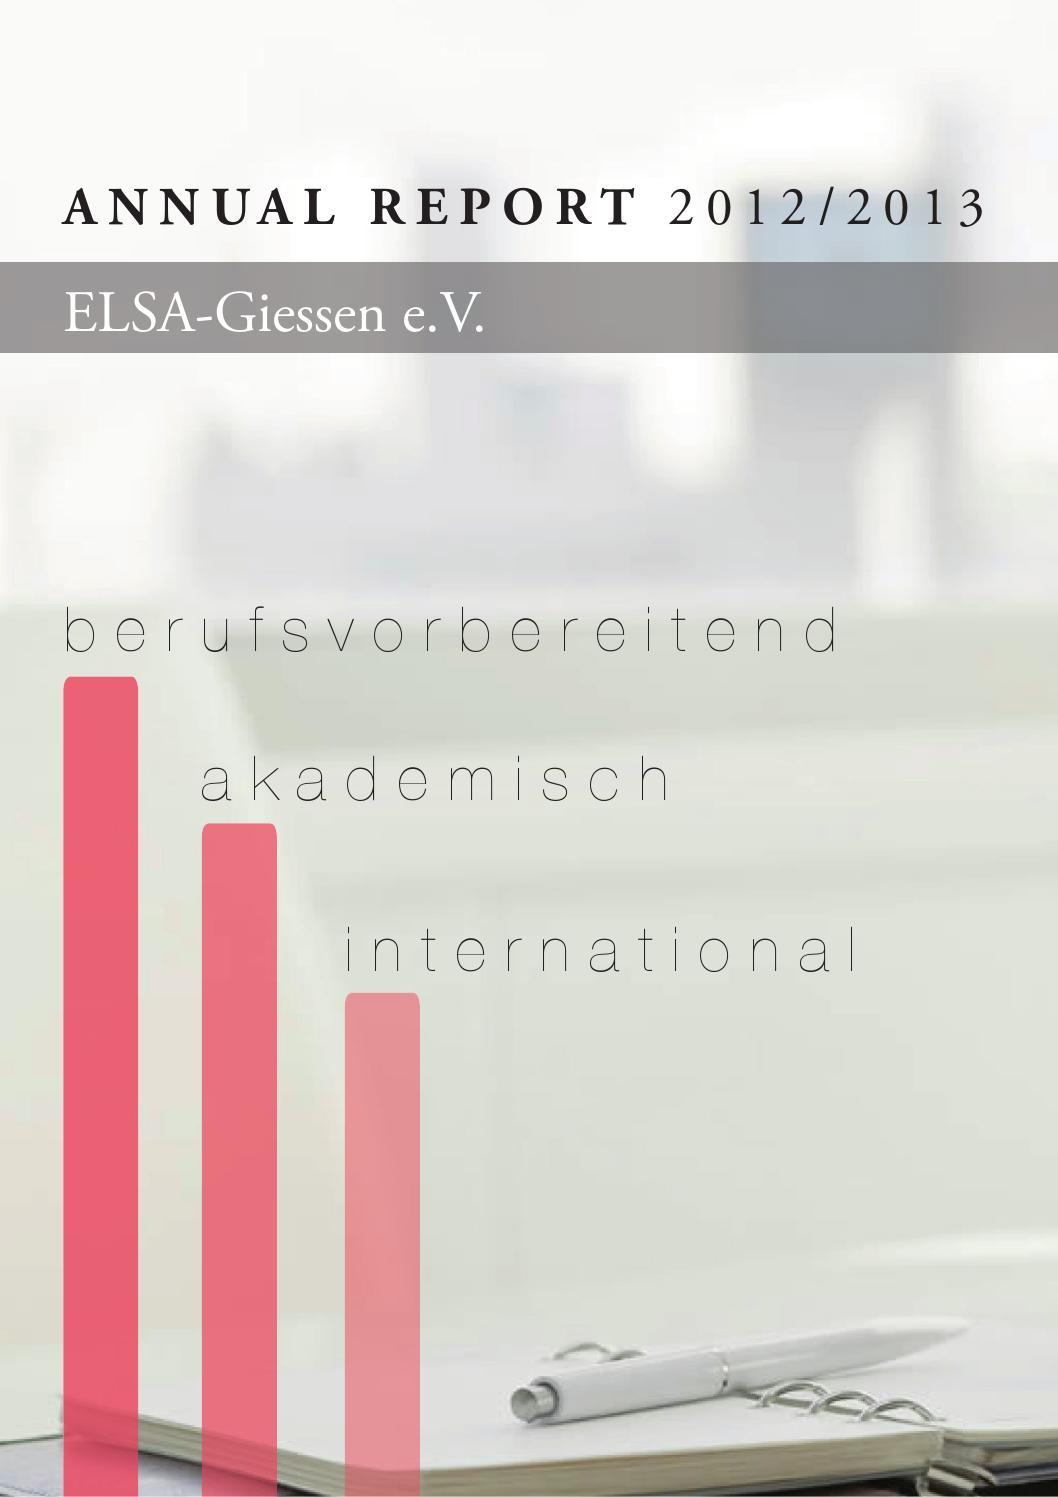 annual report of ELSA-Giessen e.V. 2012/2013 by ELSA-Giessen e.V. - issuu